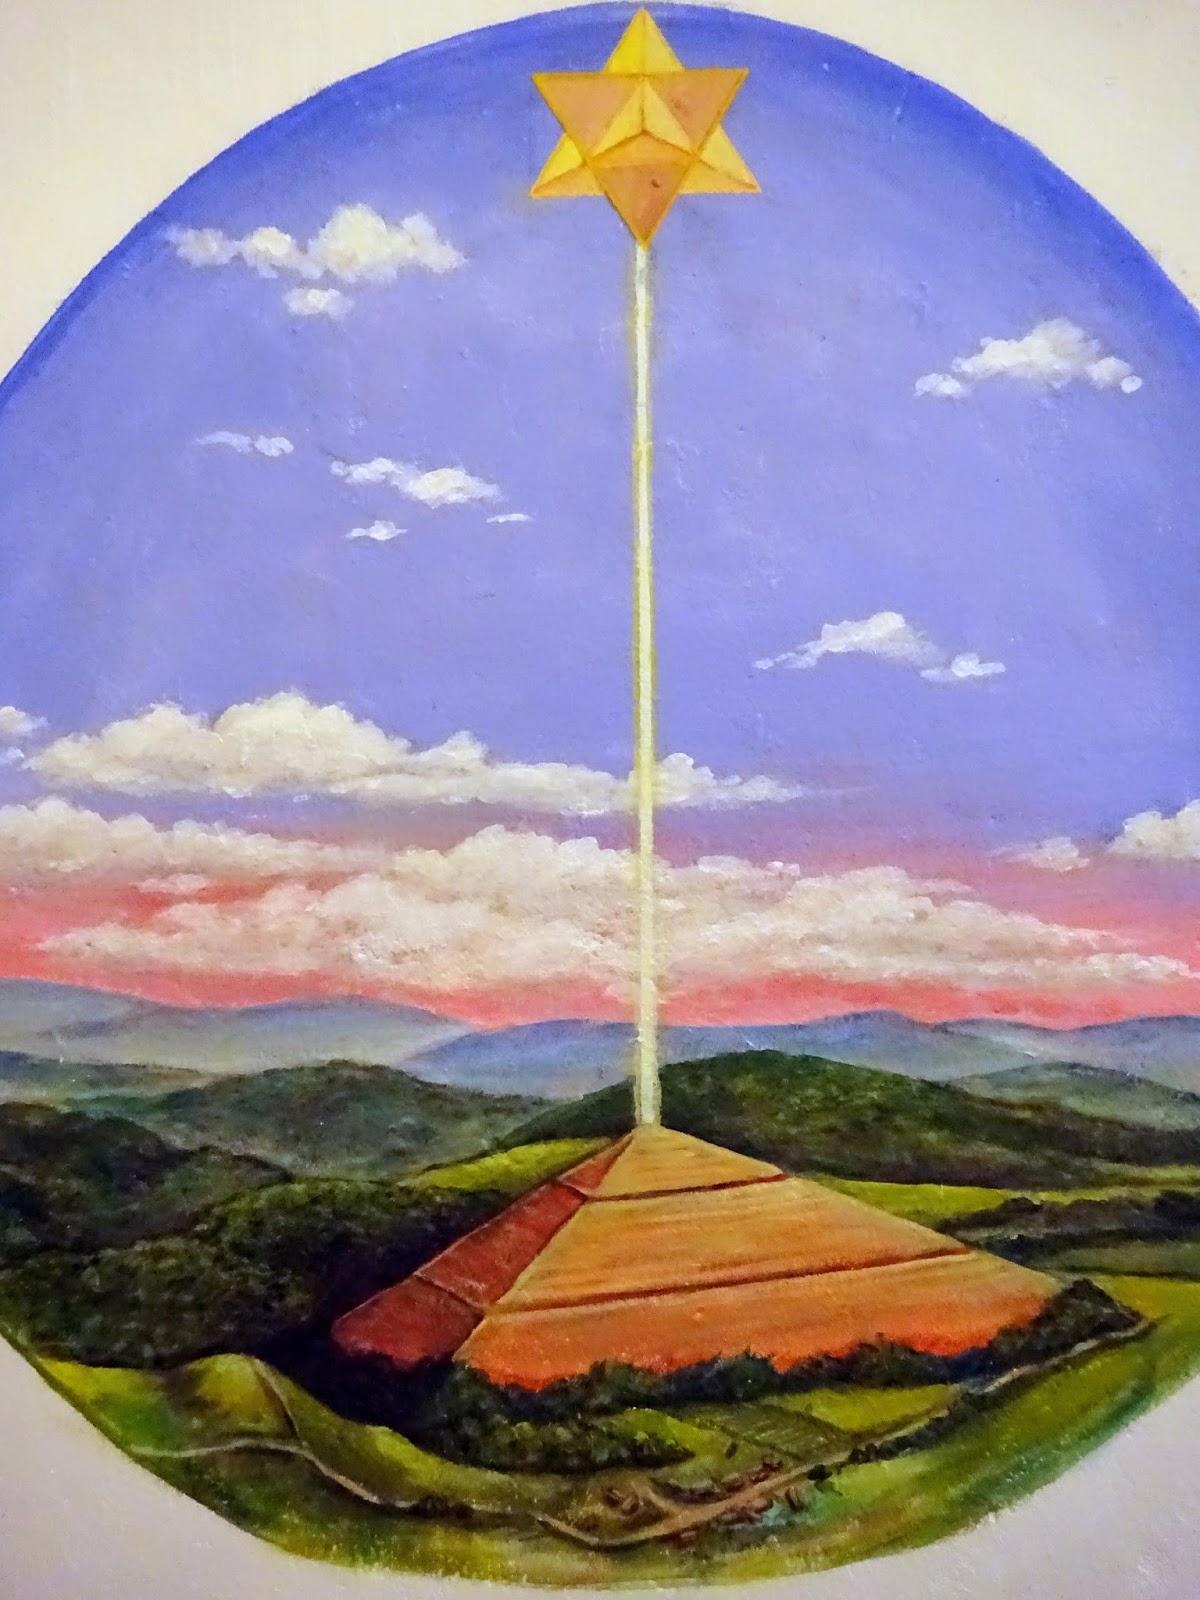 Moses berlin pyramide wandmalerei - Wandmalerei berlin ...